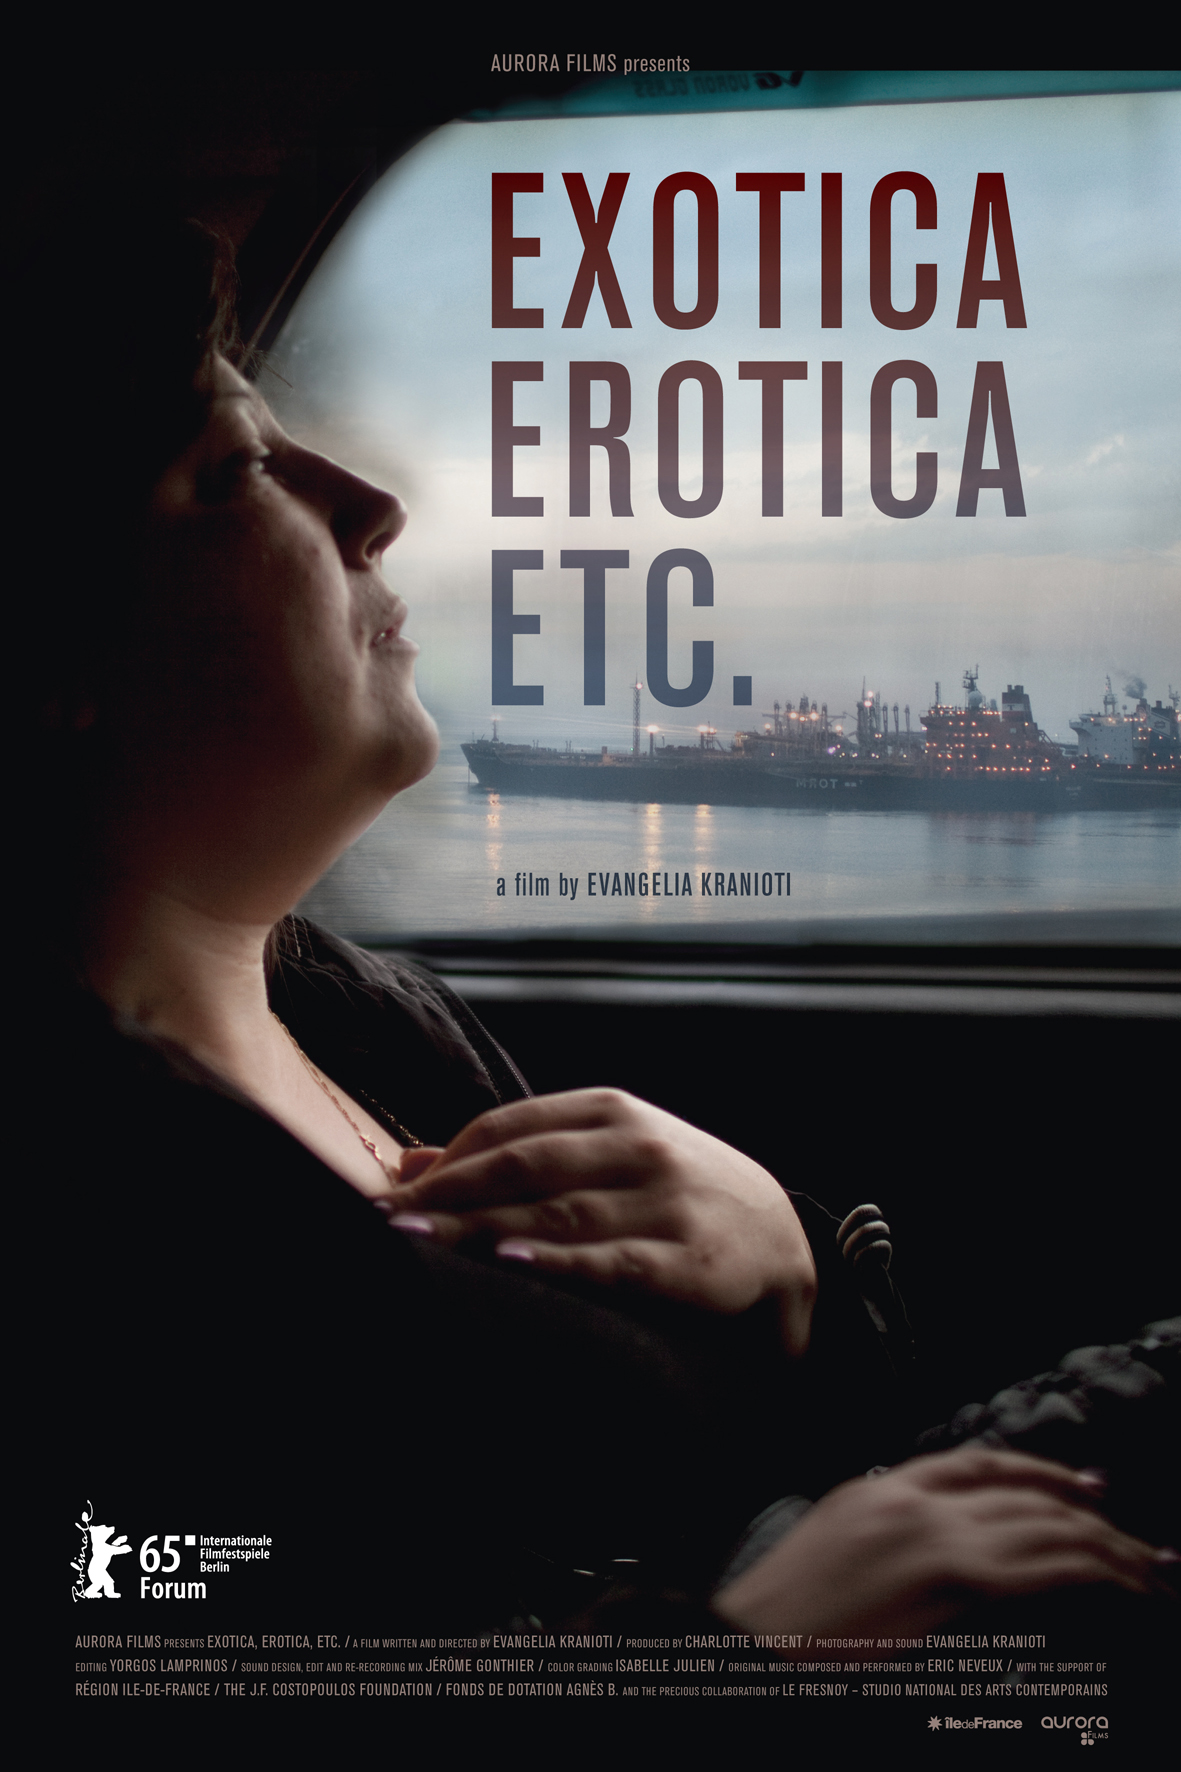 Exotica Erotica etc